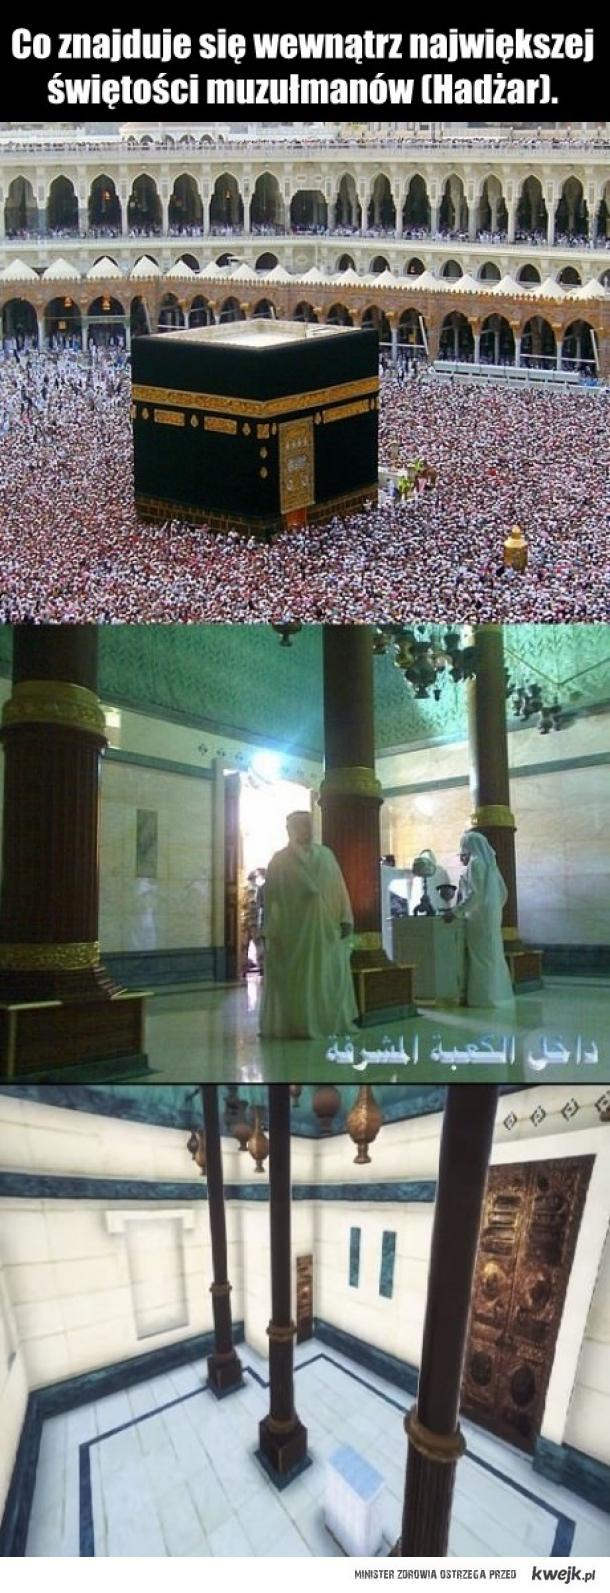 Największa świętości muzumanów